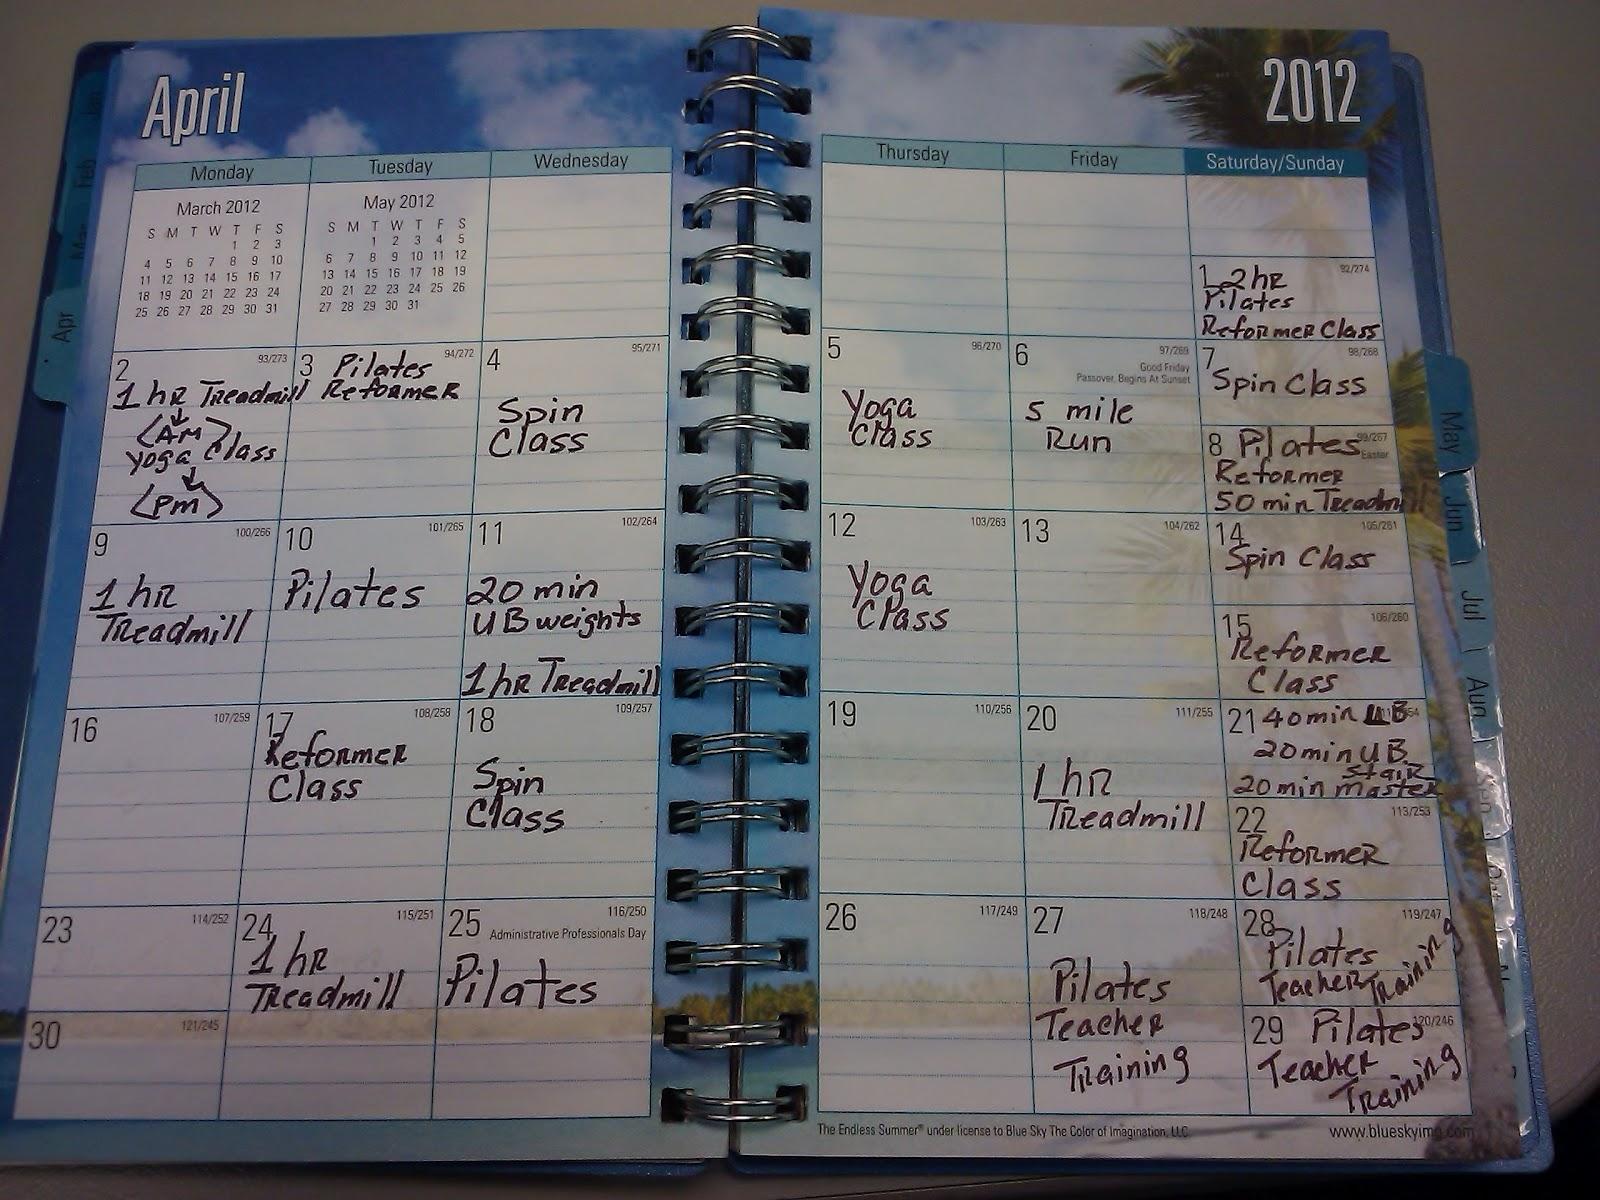 Workouts-April 2012